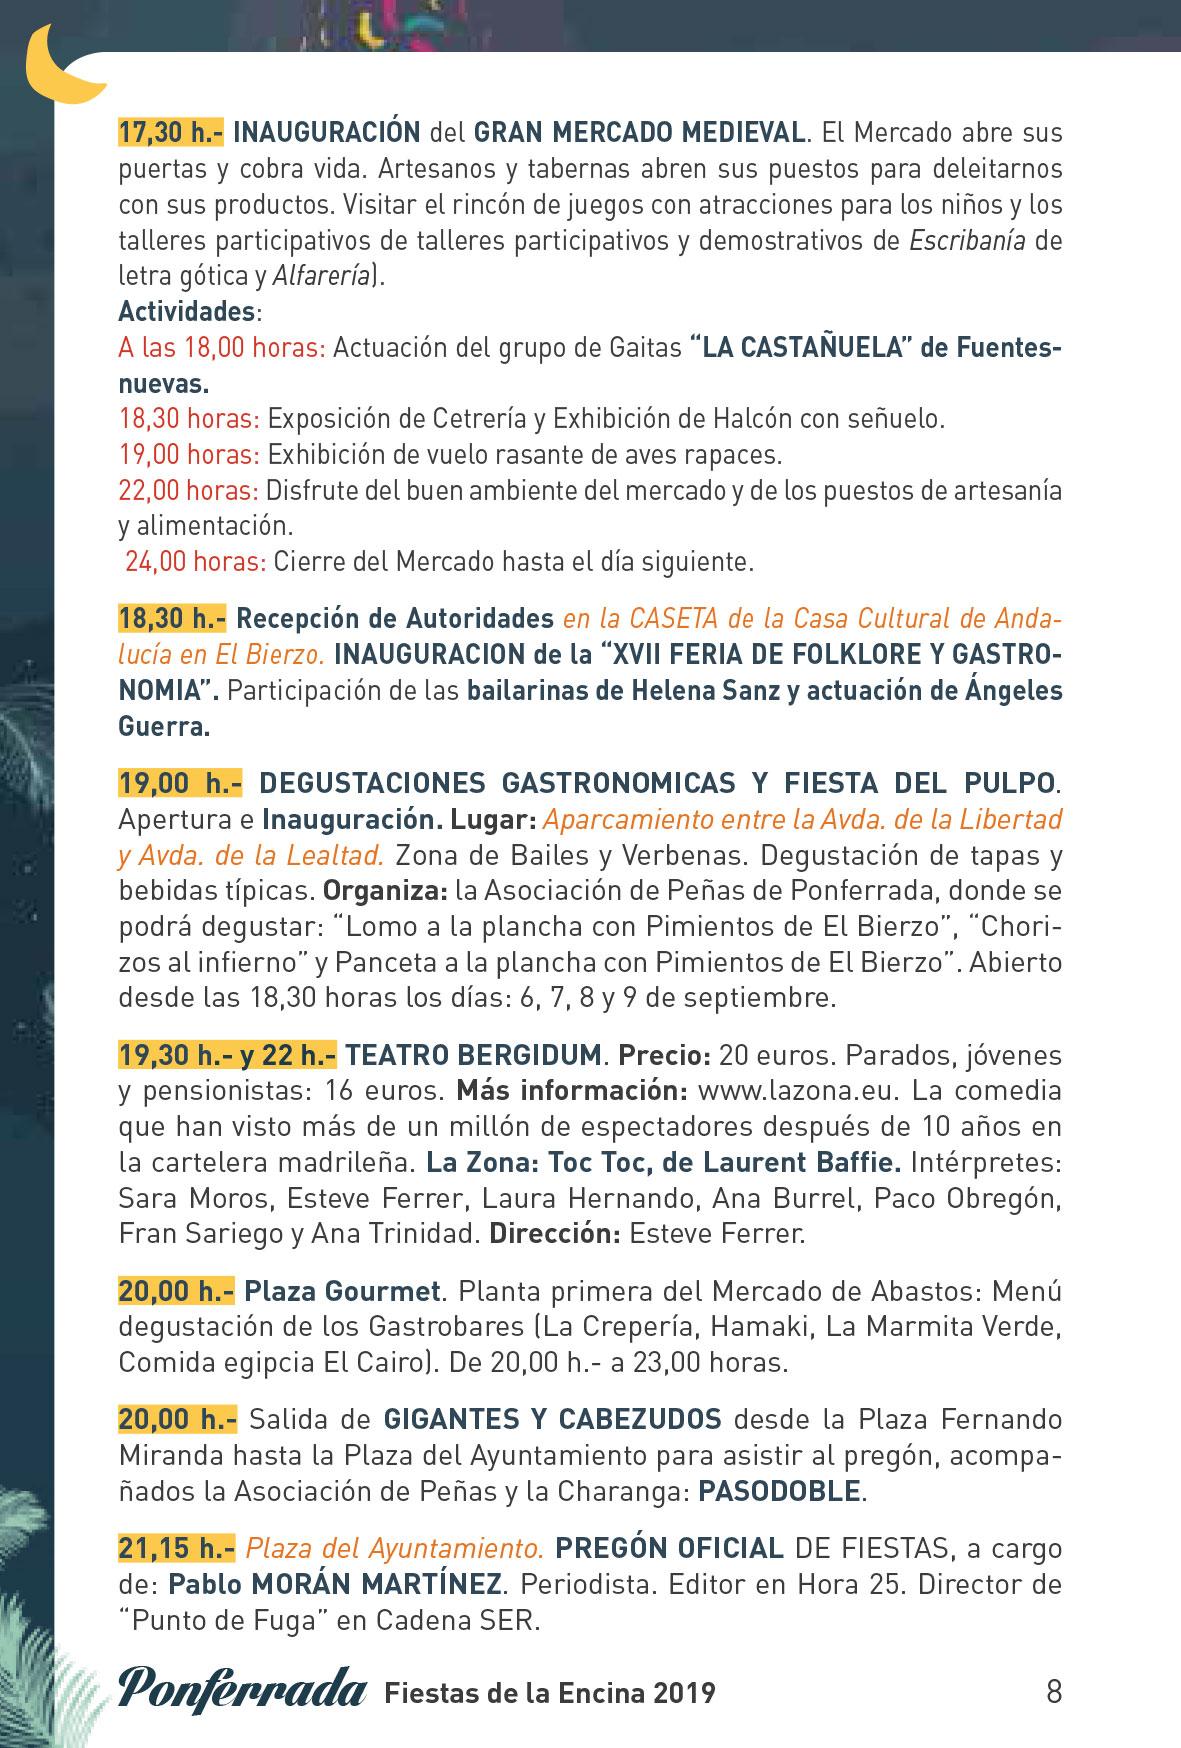 Fiestas de la Encina 2019. Programa y actividades 8